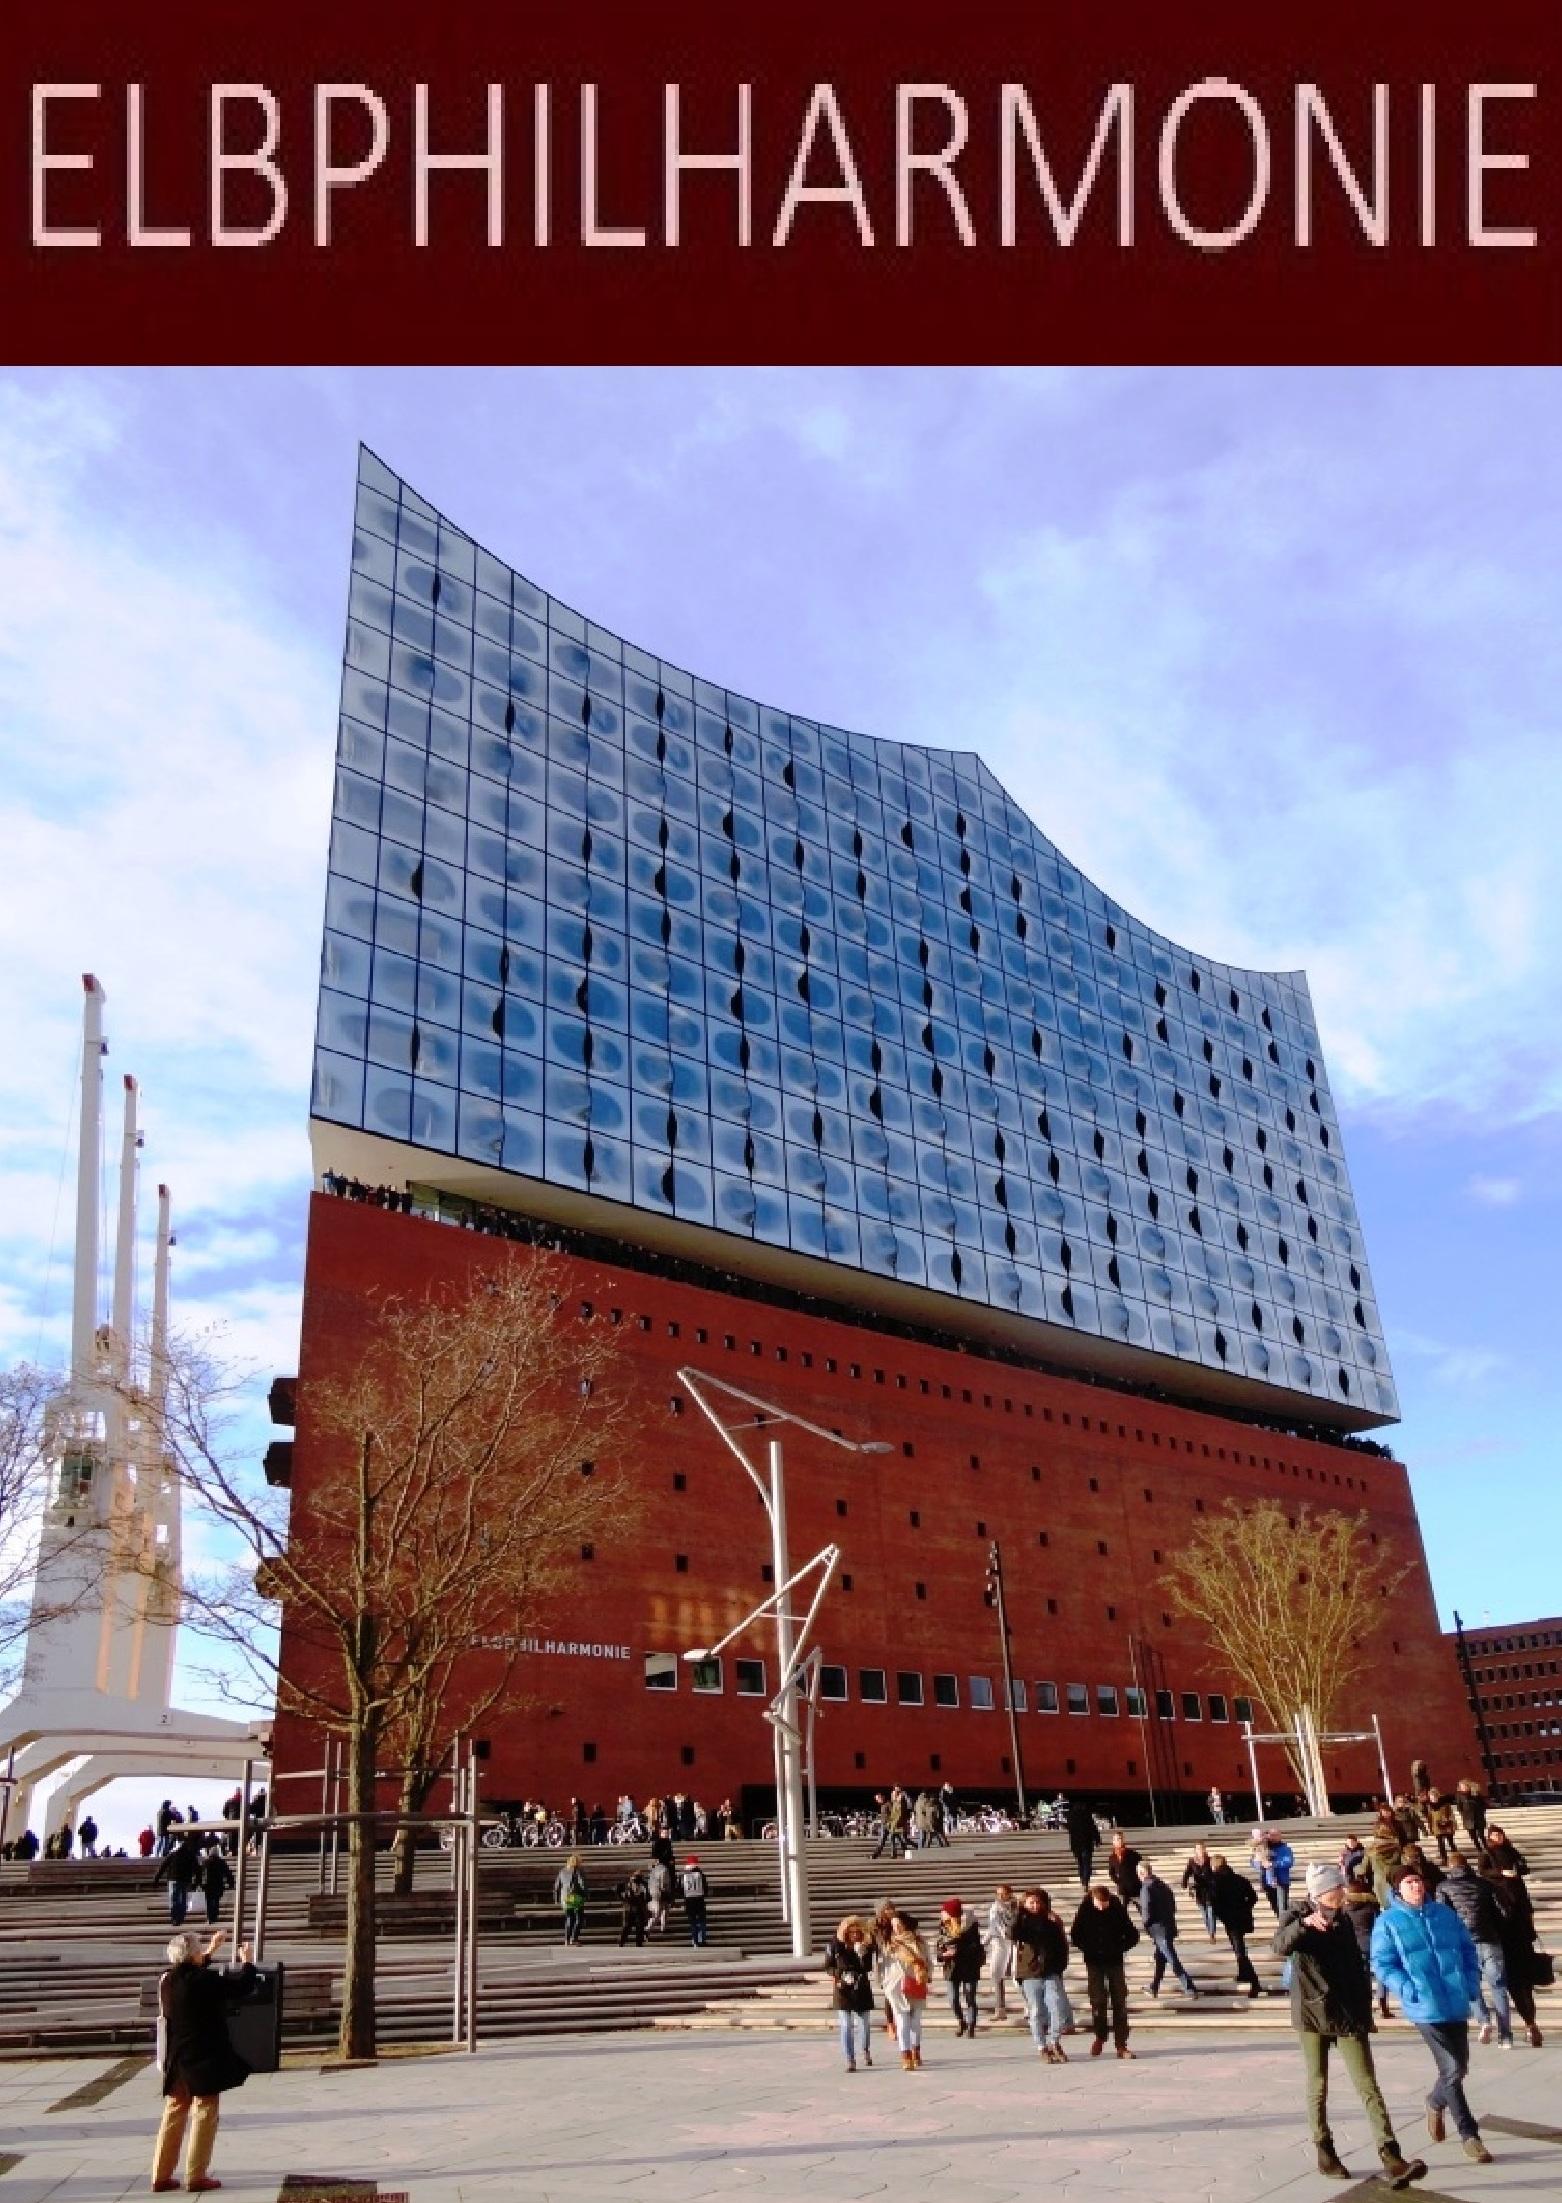 Die etwa einhundertzehn Meter hohe  Elbphilharmonie in der Hafen-City in der Nähe der Landungsbrücken ist ein neues Wahrzeichen in der Hansestadt Hamburg.  Sie wurde am 11. Januar 2017 mit einem Festakt feierlich eröffnet. Foto: Eckart Kreitlow